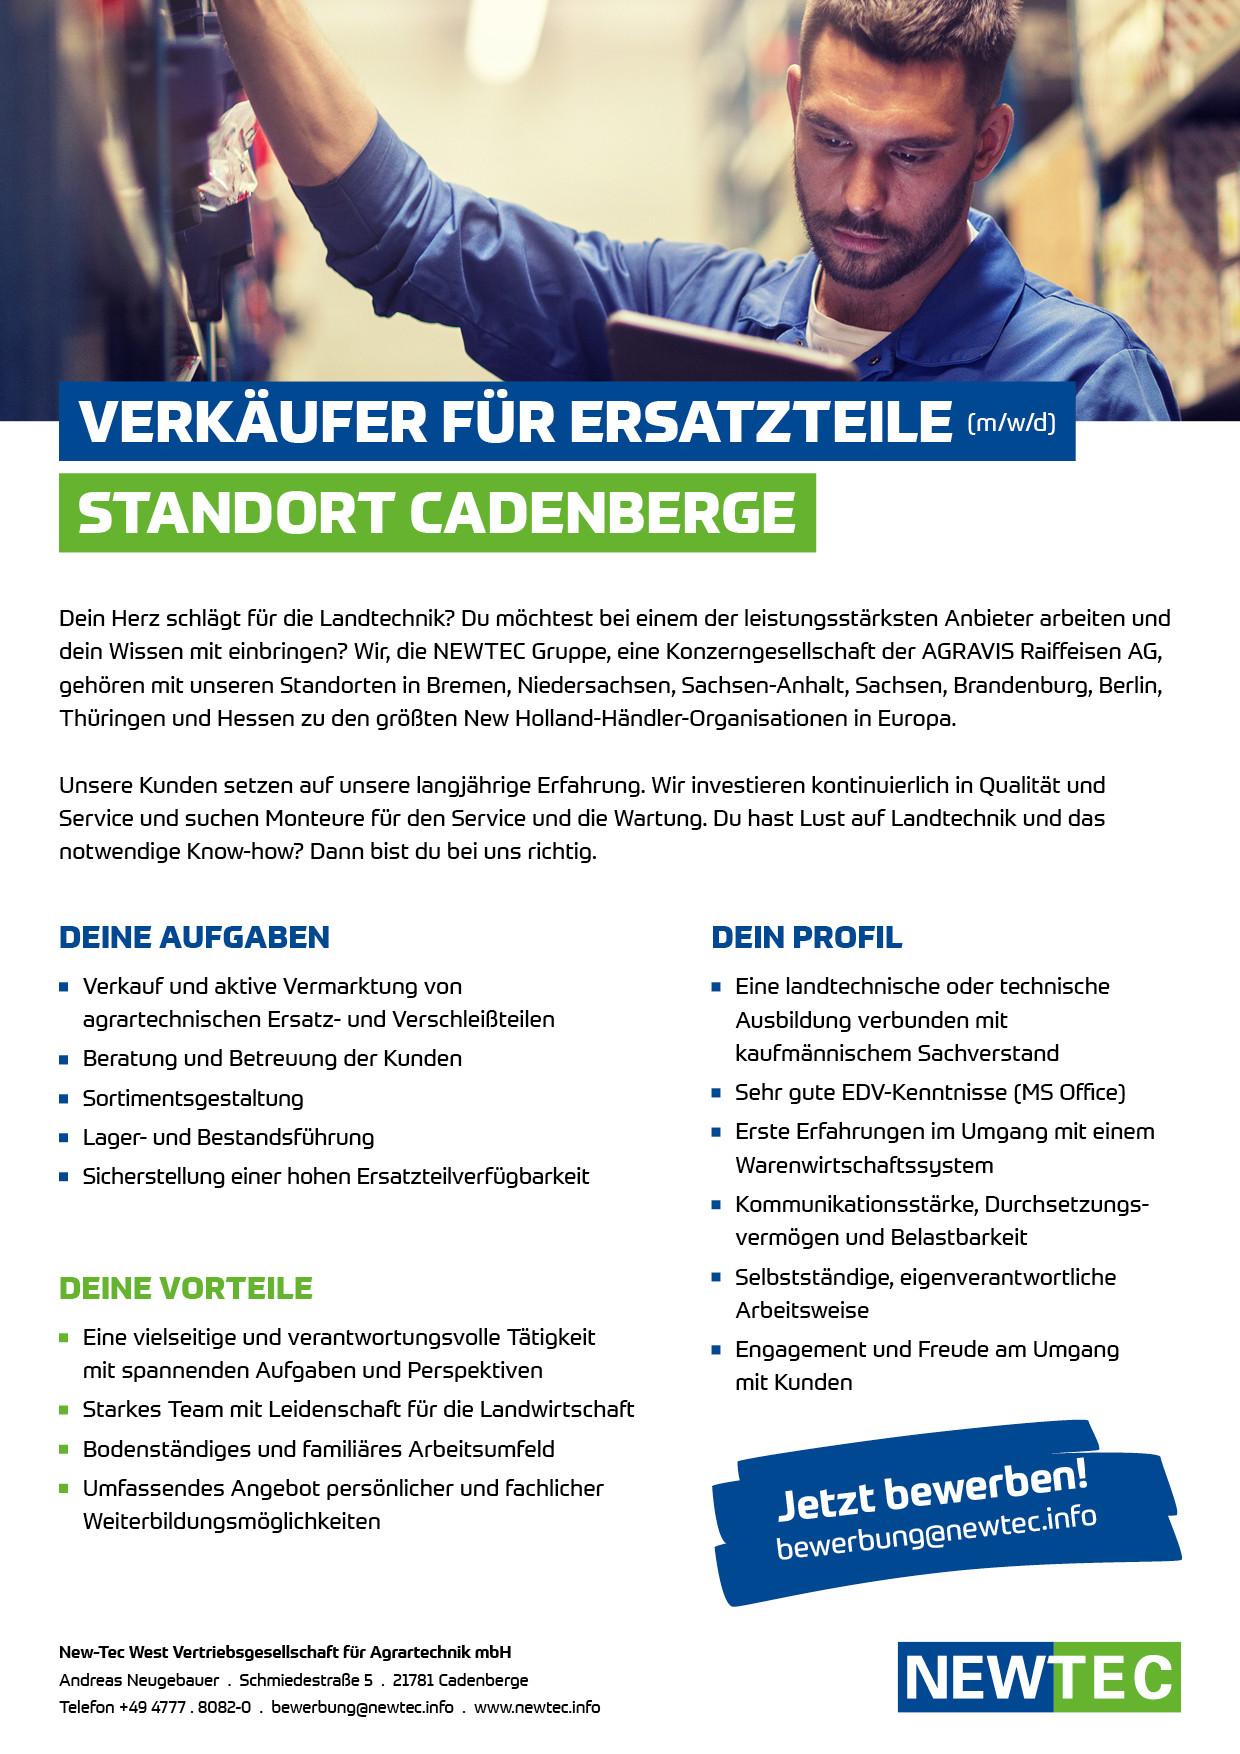 SCREEN_TE-NTHOL-2021-29440_Personalanzeige_Verkaeufer_fuer_Ersatzteile_Cadenberge